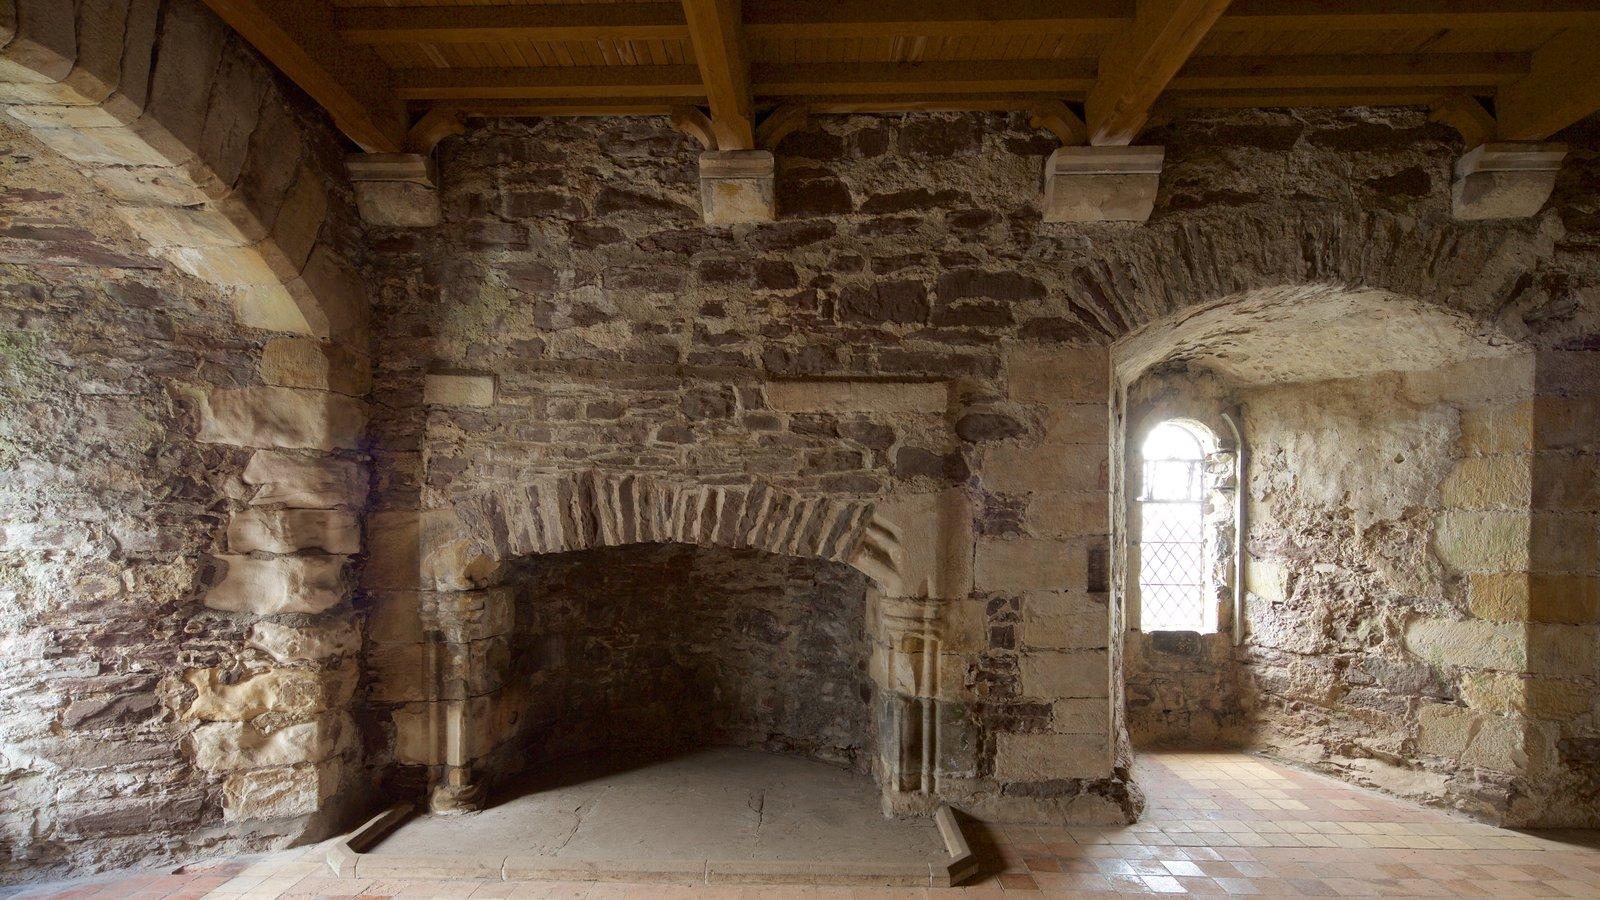 doune castle pictures view photos images of doune castle